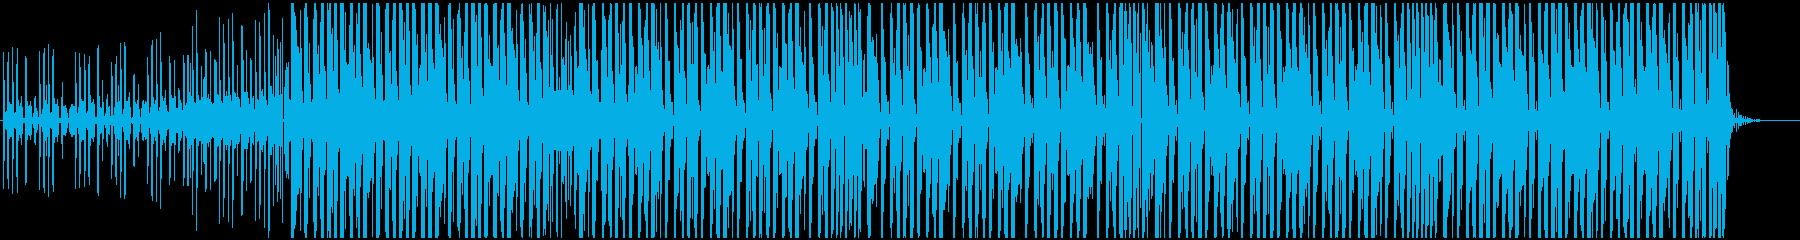 切ない感じのfuture bass系BGの再生済みの波形